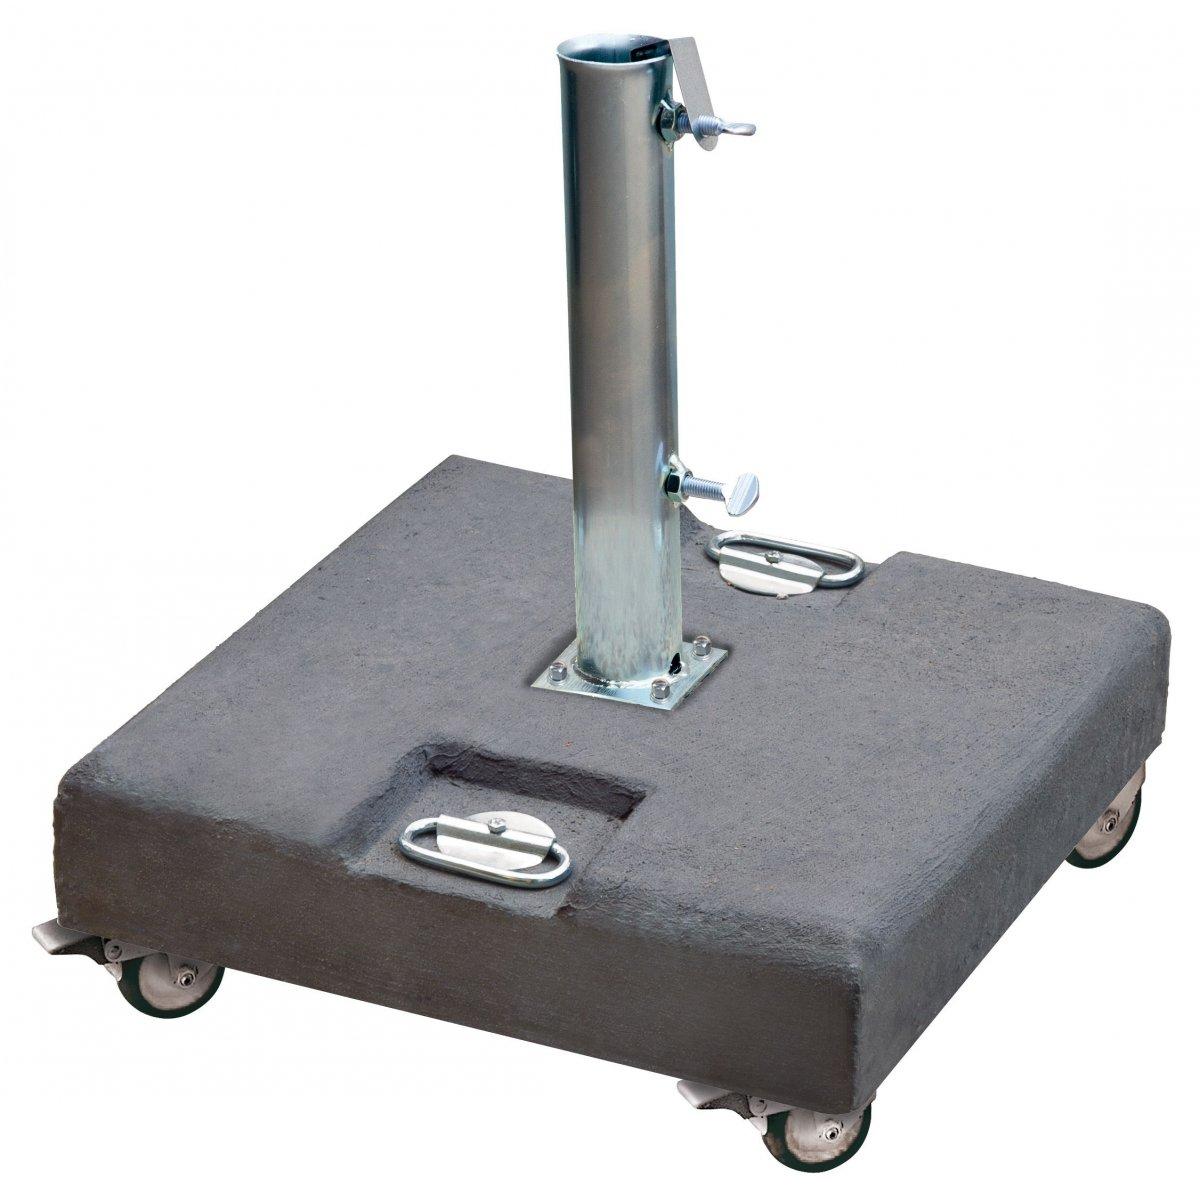 piastra in cemento grigio con tubo, maniglie e ruote